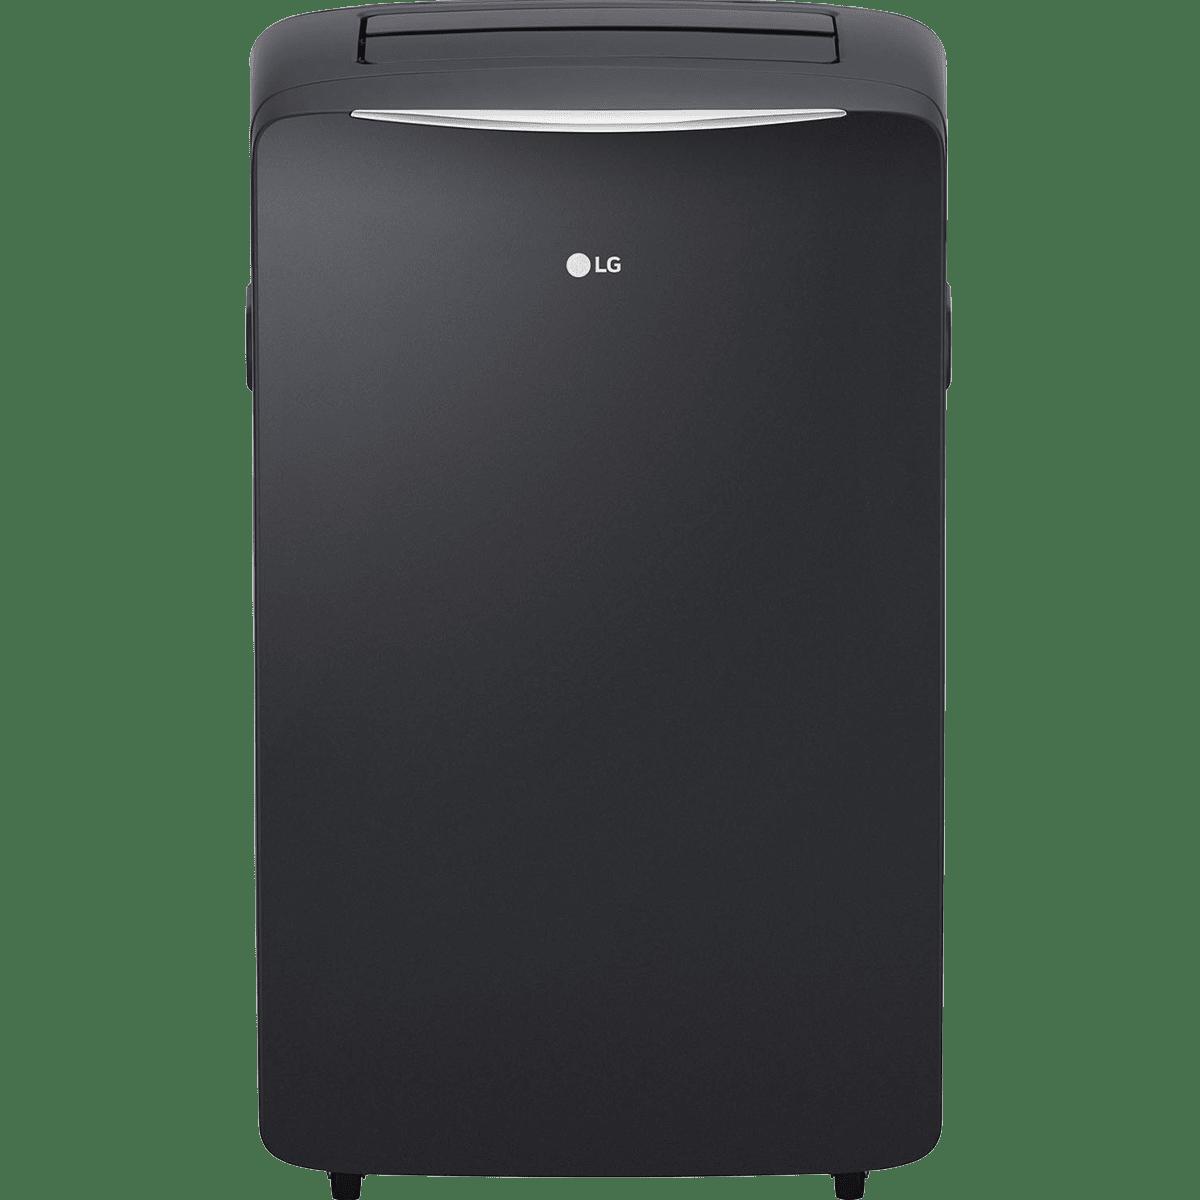 LG LP1417SHR 14,000 BTU Portable AC w/ Heat lg6348